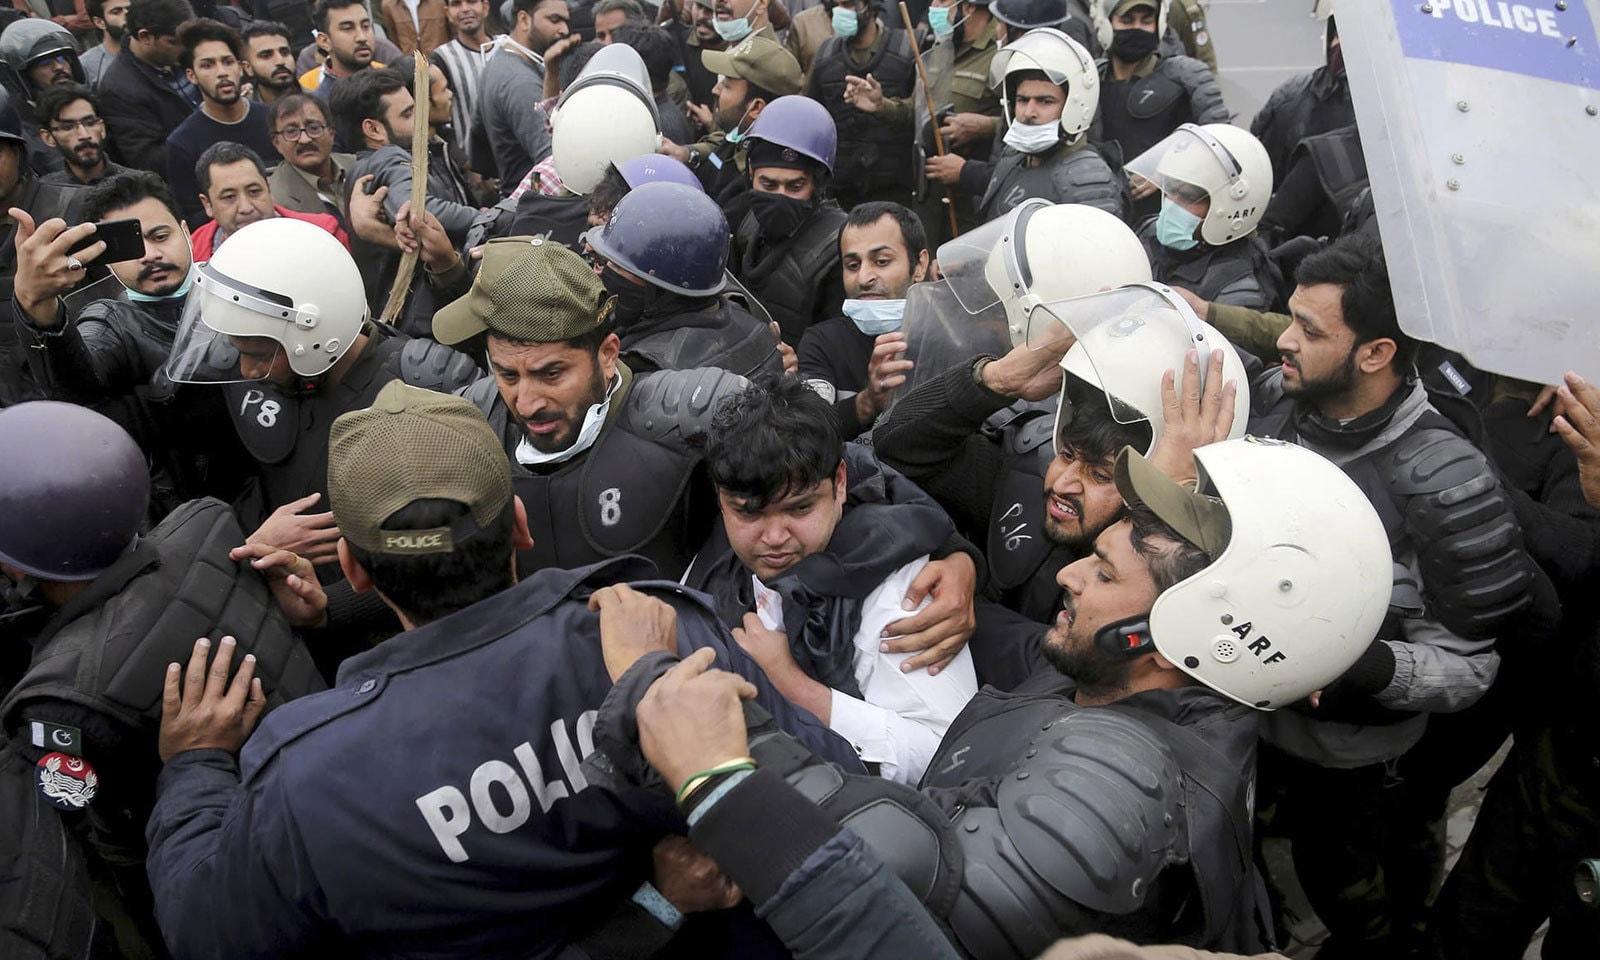 بگڑتی صورتحال کے پیش نظر پولیس کی اضافی نفری موقع پر پہنچی اور حالات پر قابو پانے کی کوشش کی — فوٹو: اے پی